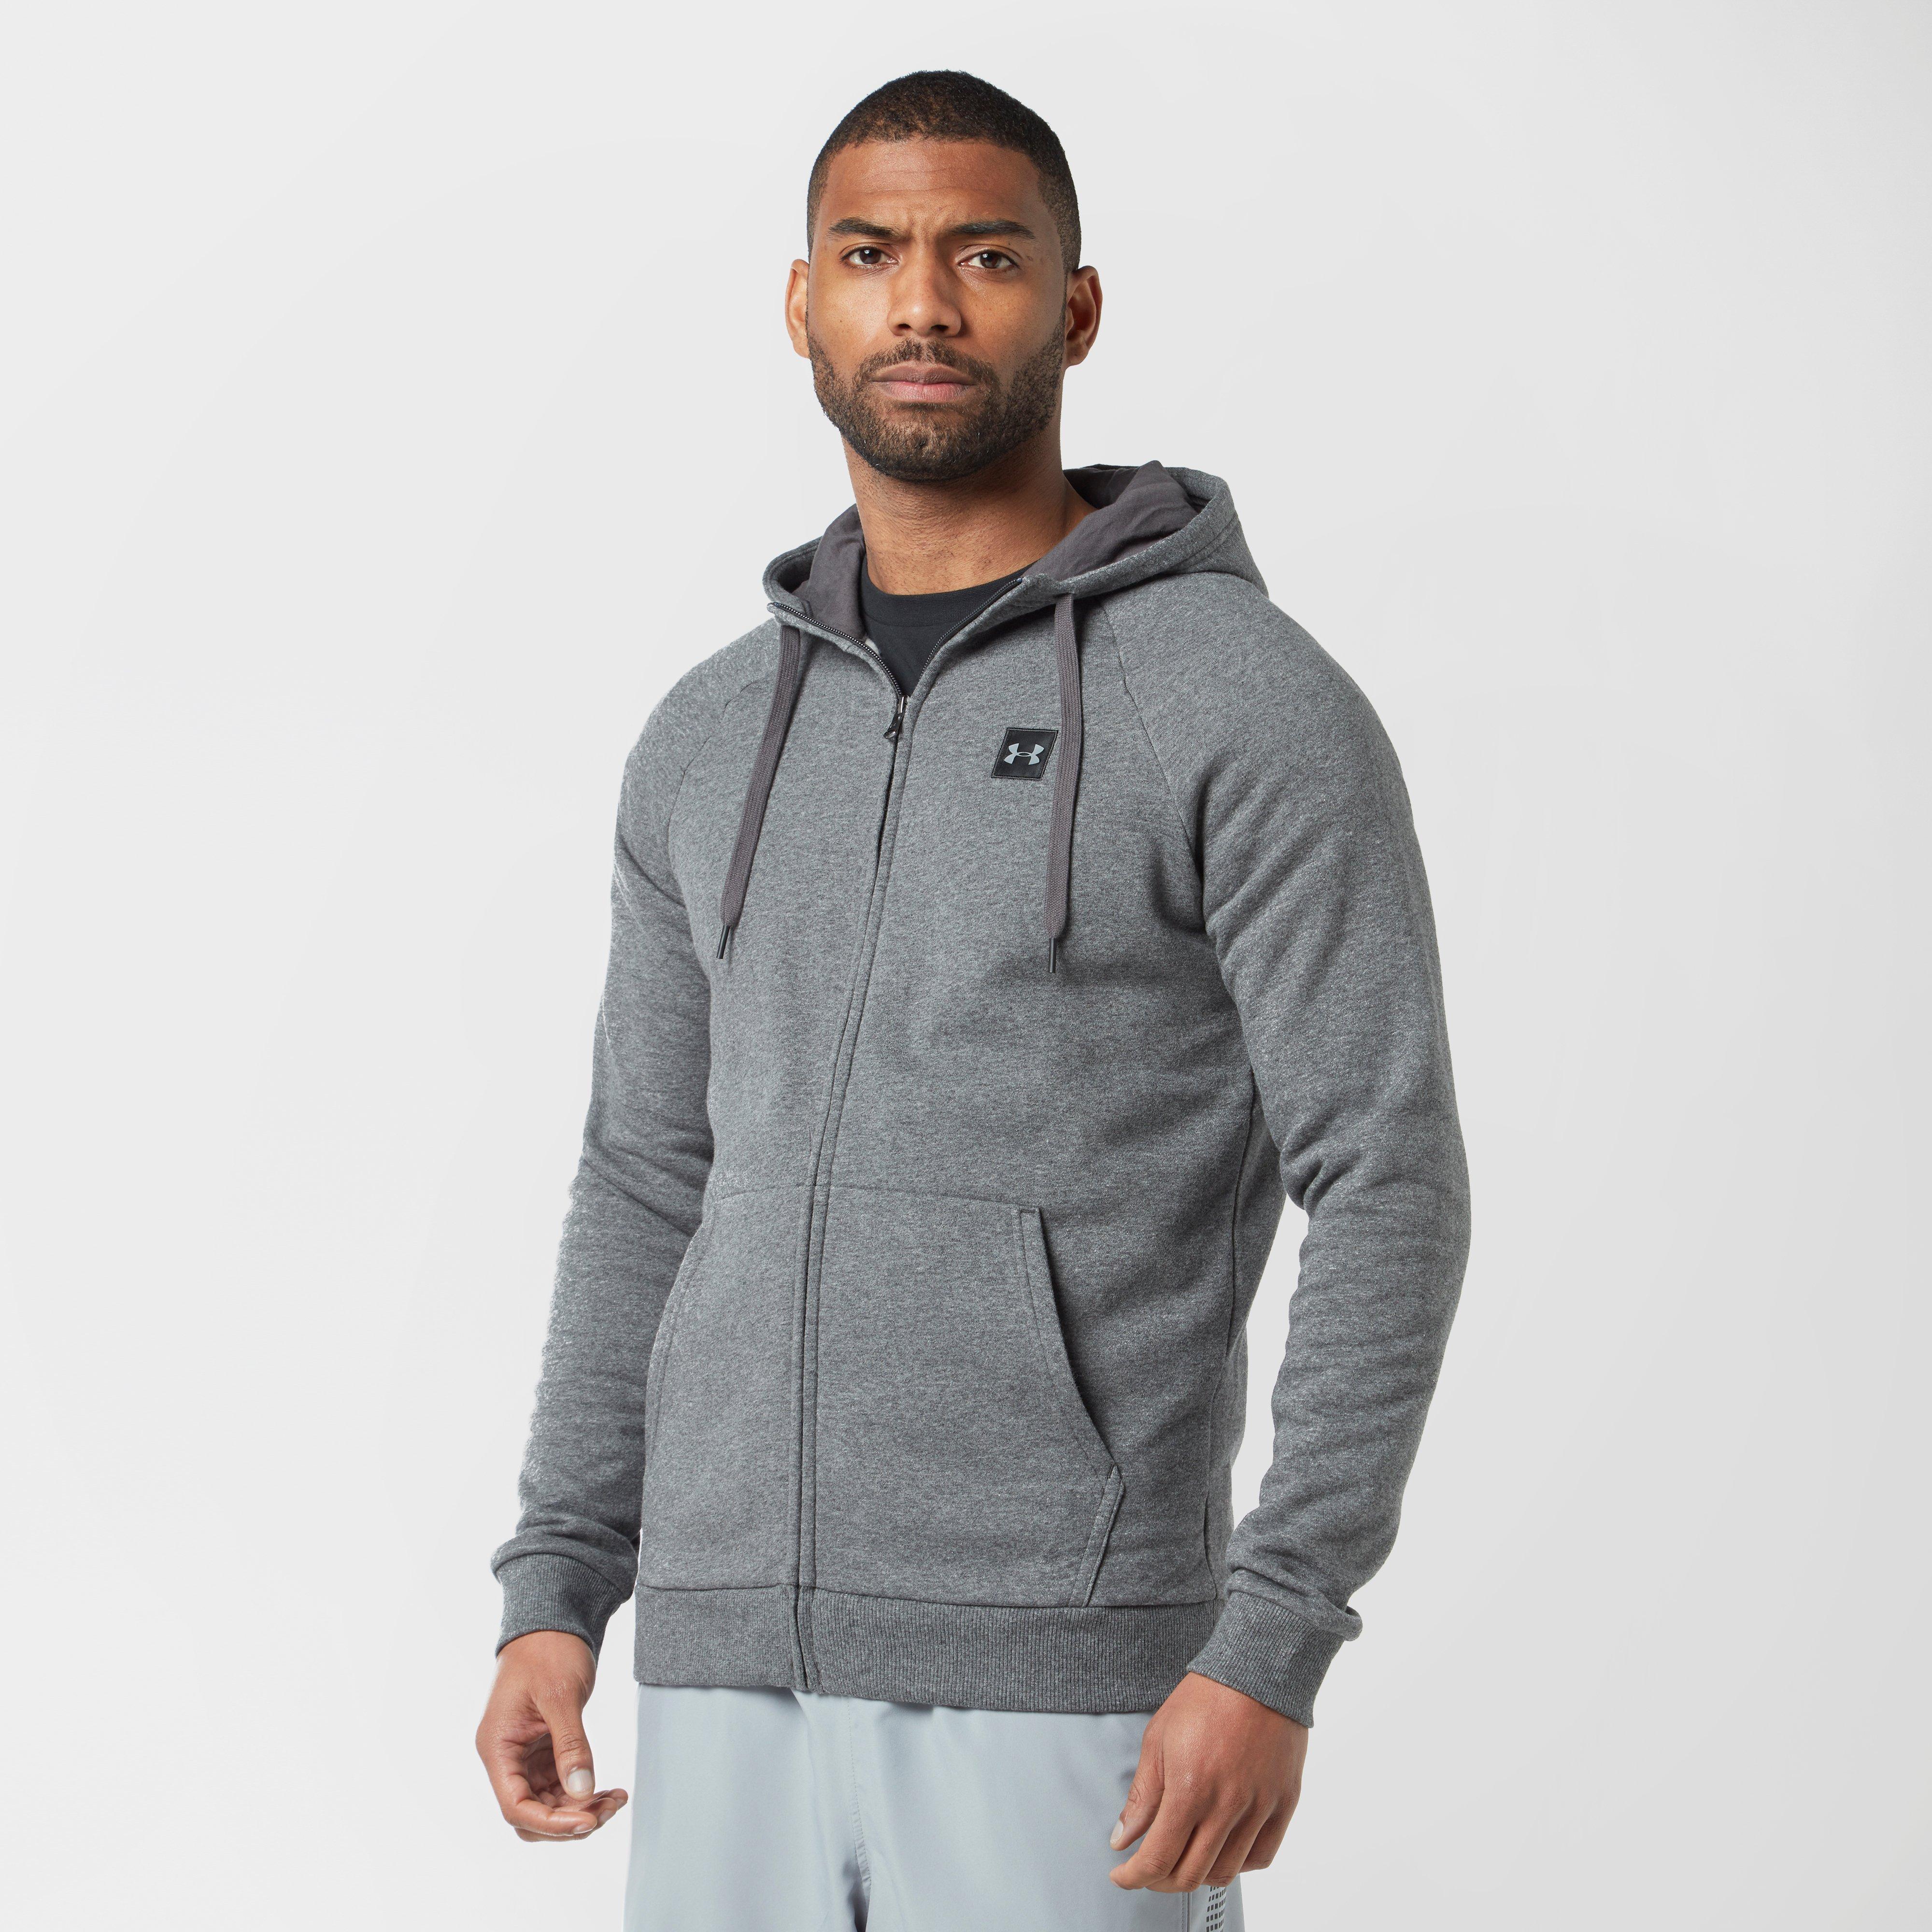 Image of Under Armour Men's Rival Full-Zip Fleece Hoodie - Grey/Grey, Grey/Grey